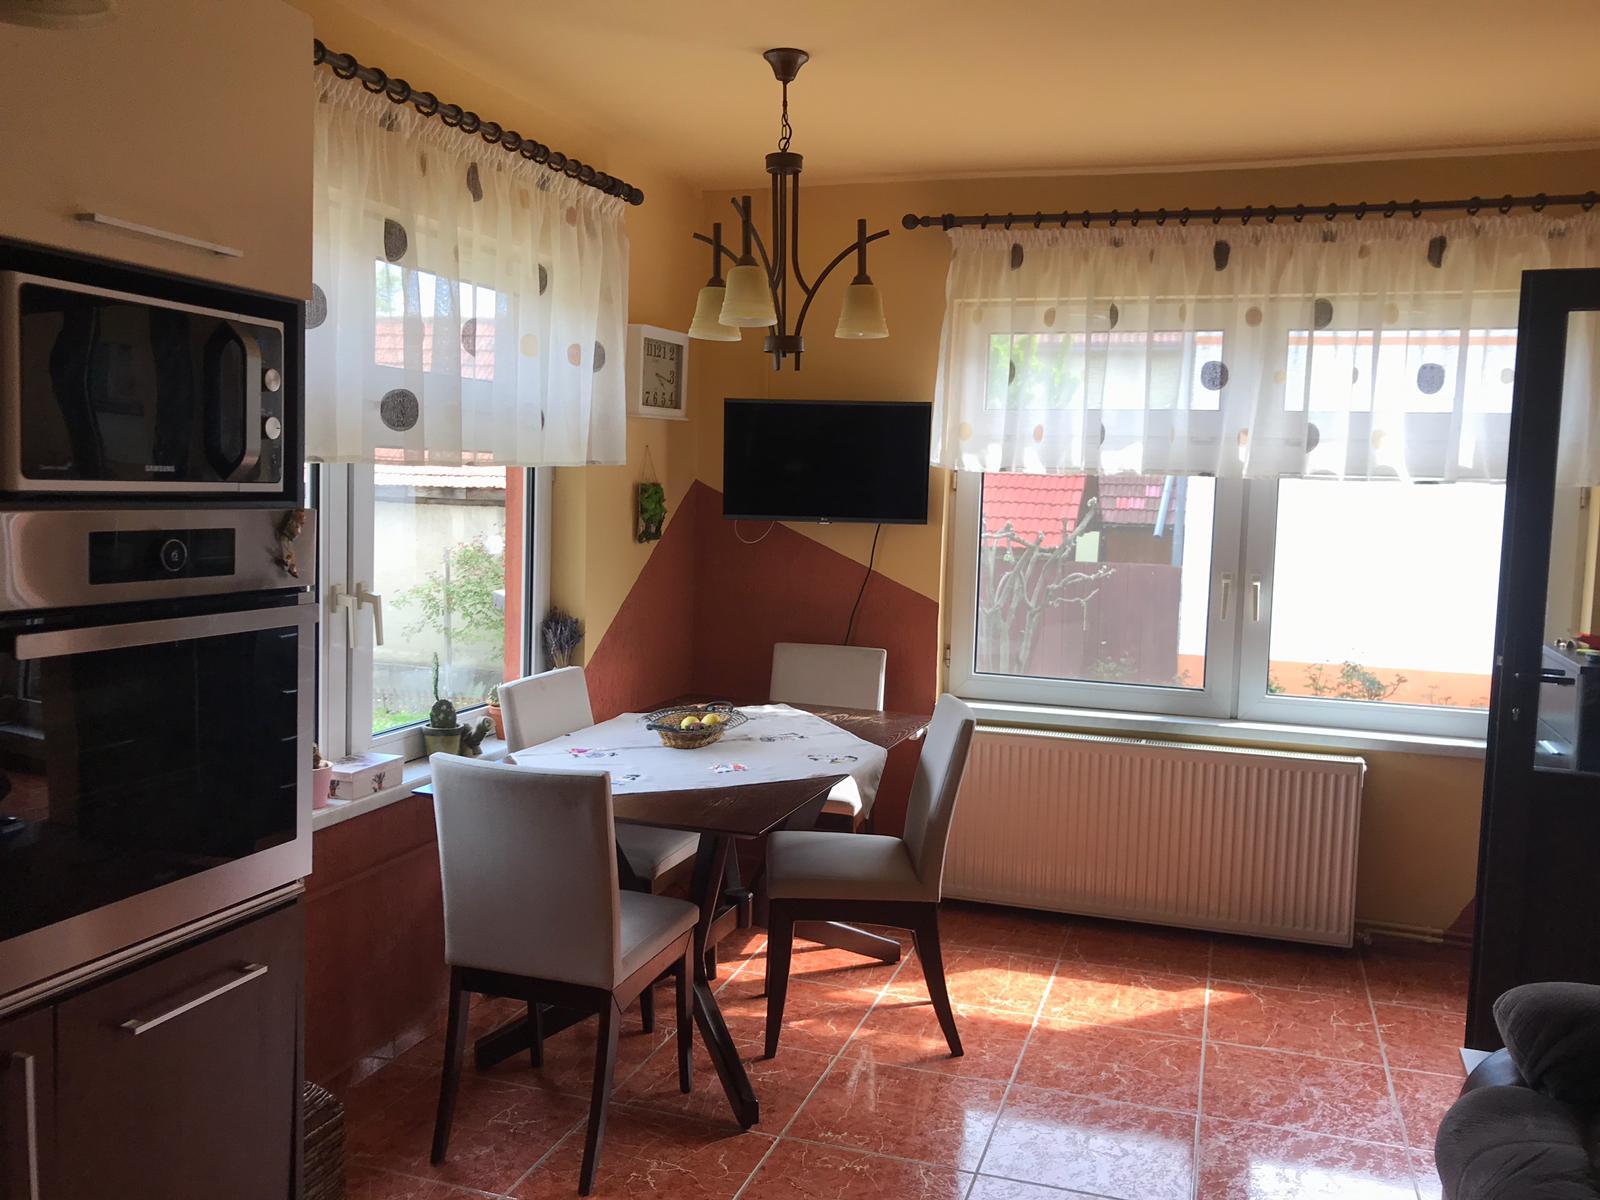 Casa de inchiriat singur in curte Rasnov Brasov